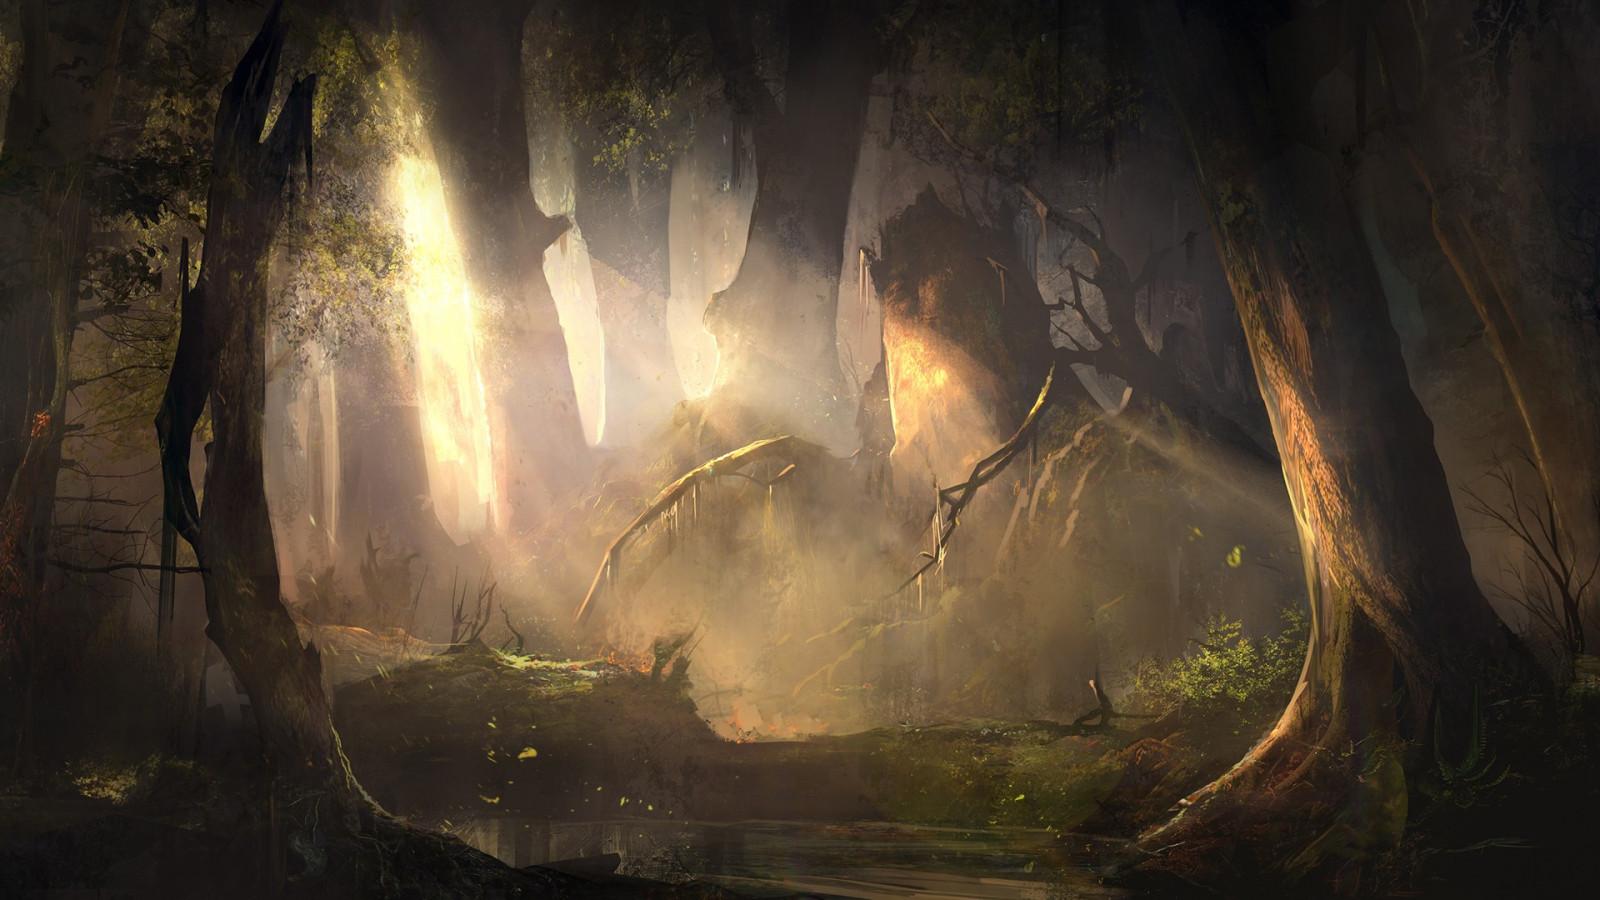 1920x1080_px_artwork_fantasy_Art_forest-822148.jpg!d